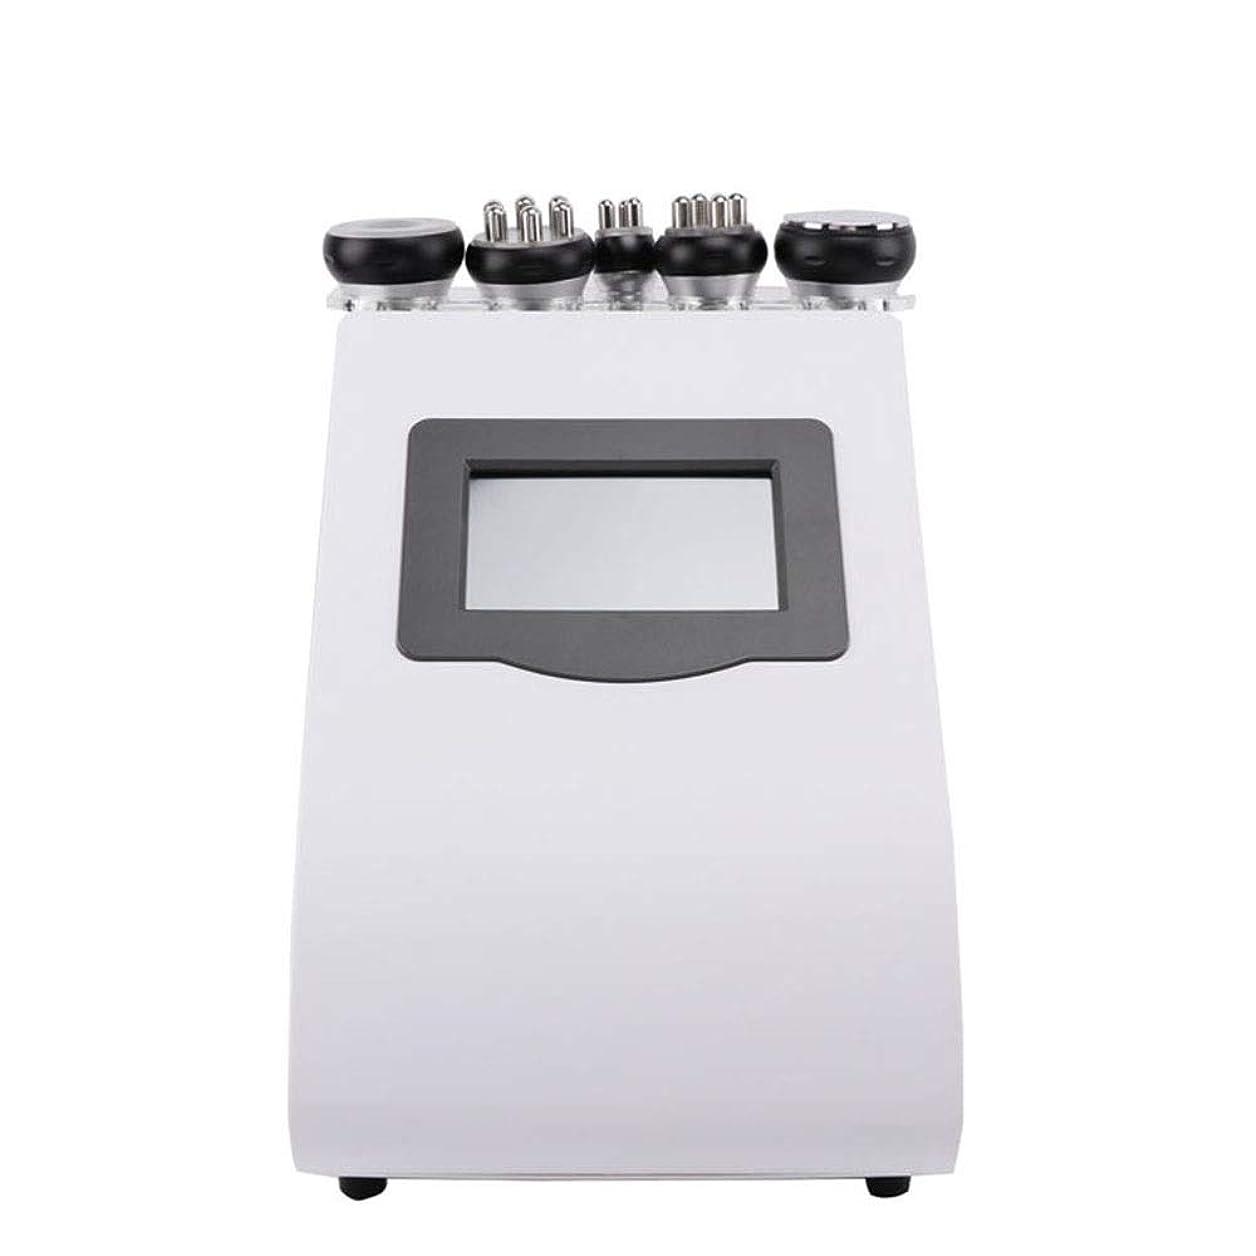 鳴り響くコスチューム不正確JULYTER 5-in-1の減量の脂肪質バーナーの美の器械40K RFの減量装置電気細く機械